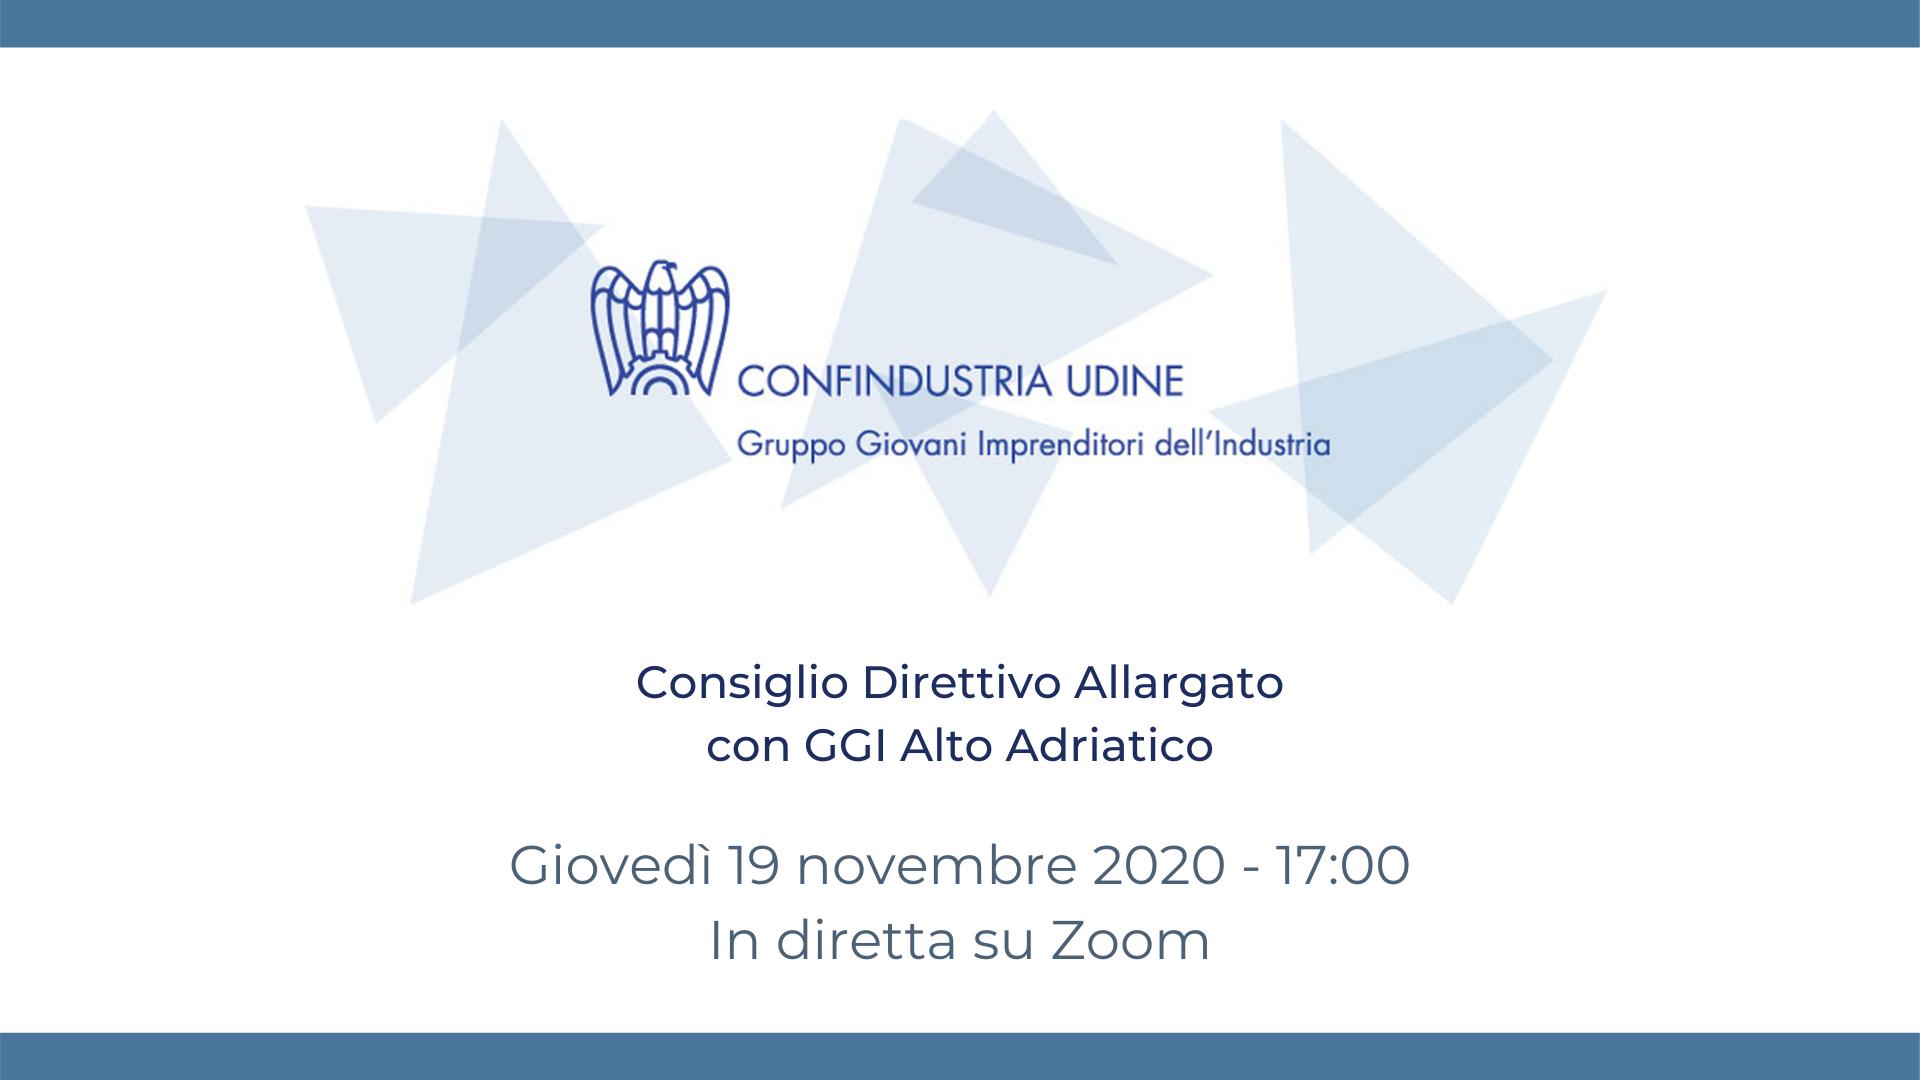 Consiglio Direttivo Allargato con GGI Alto Adriatico